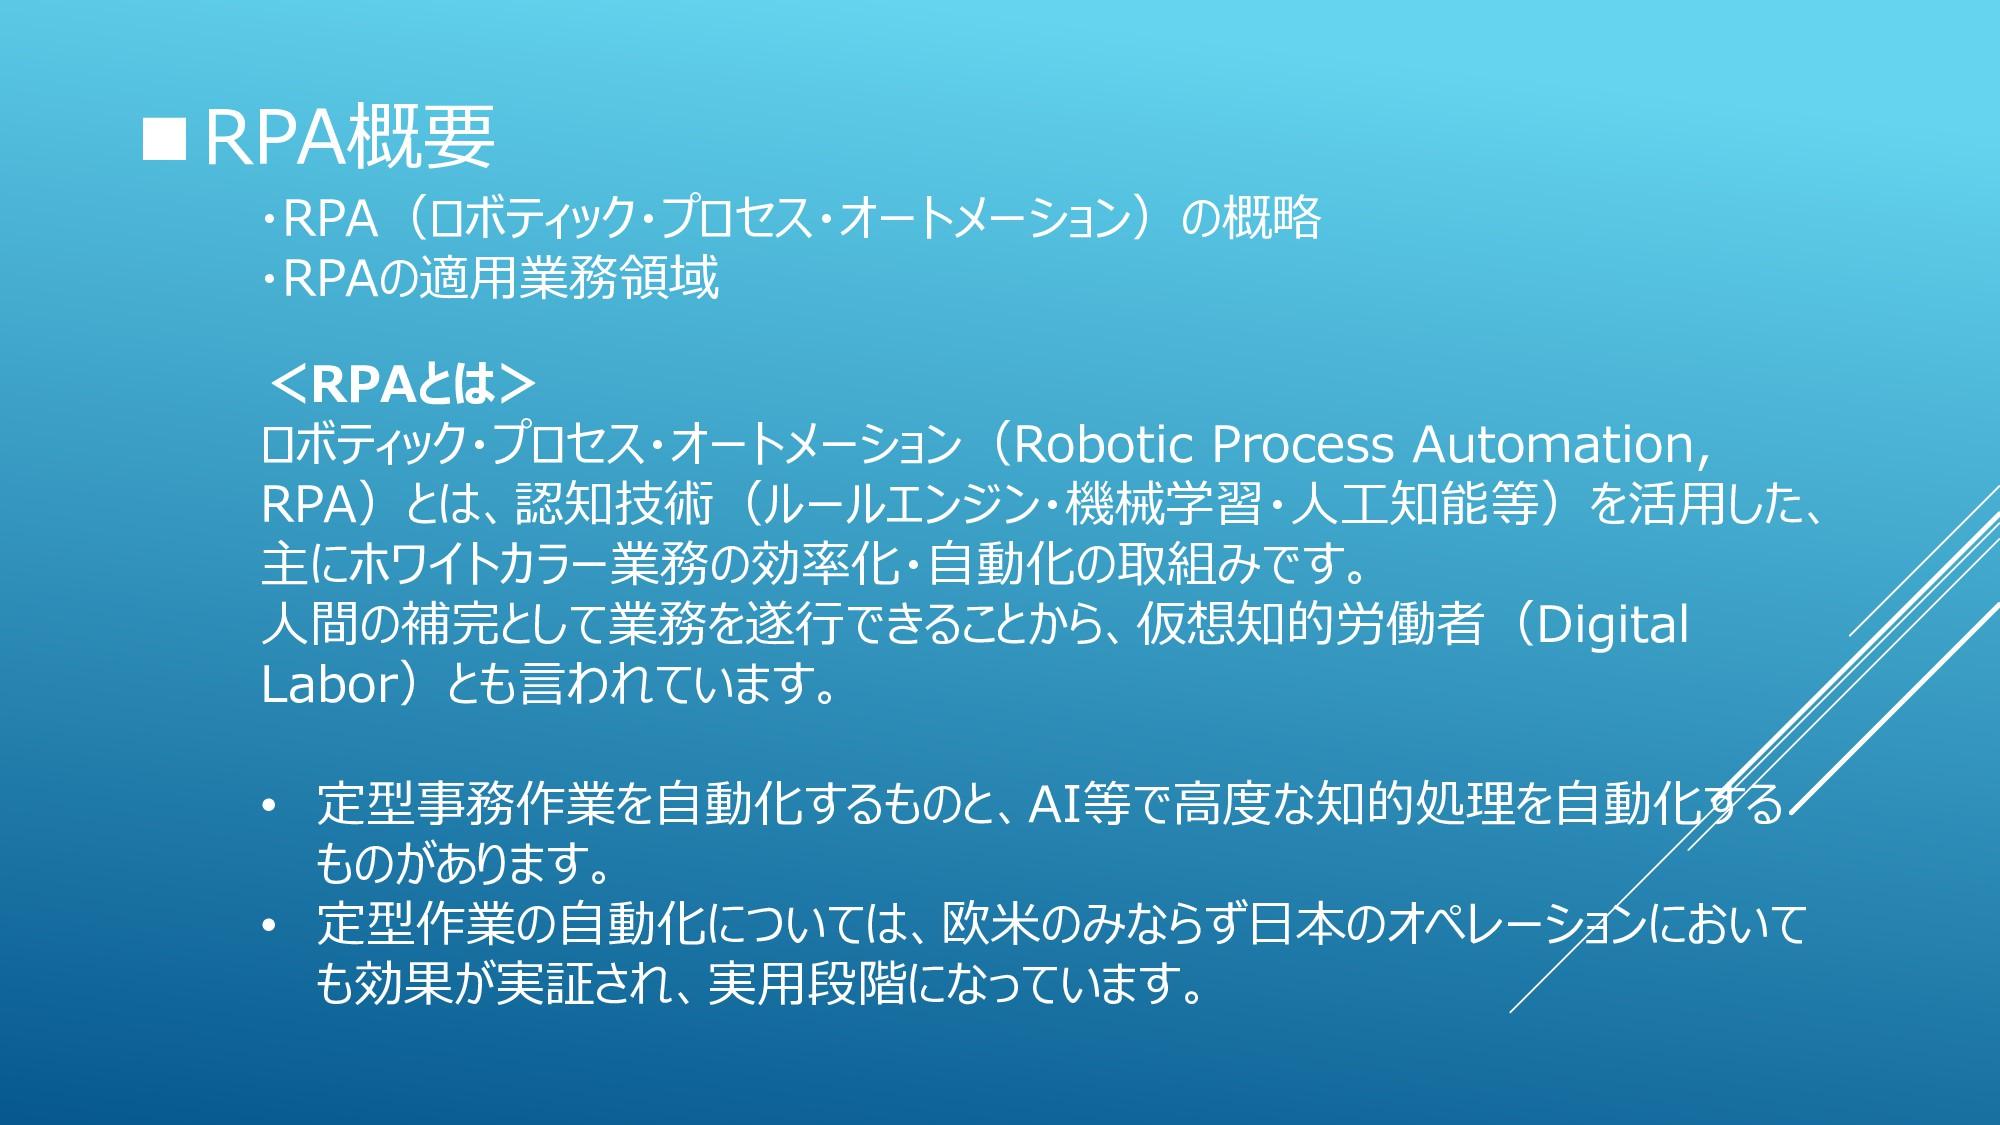 ■RPA概要 ・RPA(ロボティック・プロセス・オートメーション)の概略 ・RPAの適用業務領...